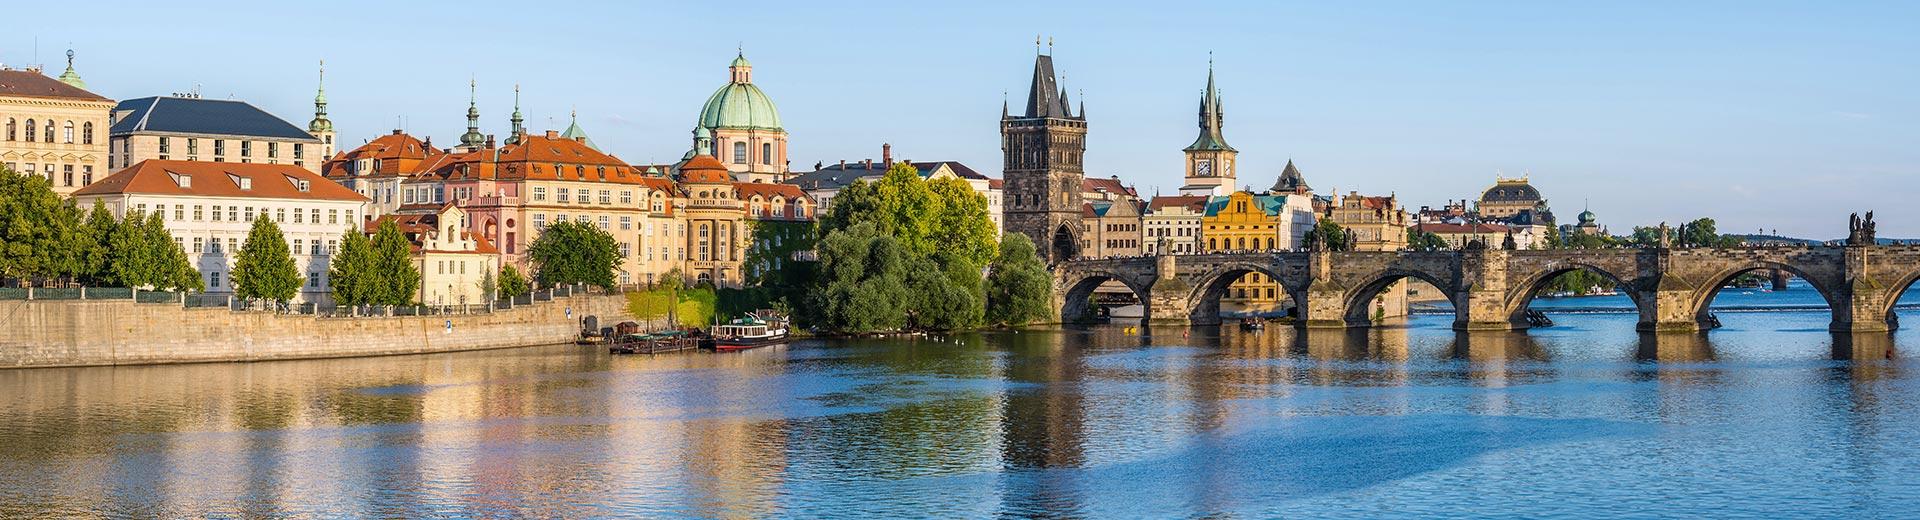 Gruppenreise Prag - Package Gruppen Budget Flug